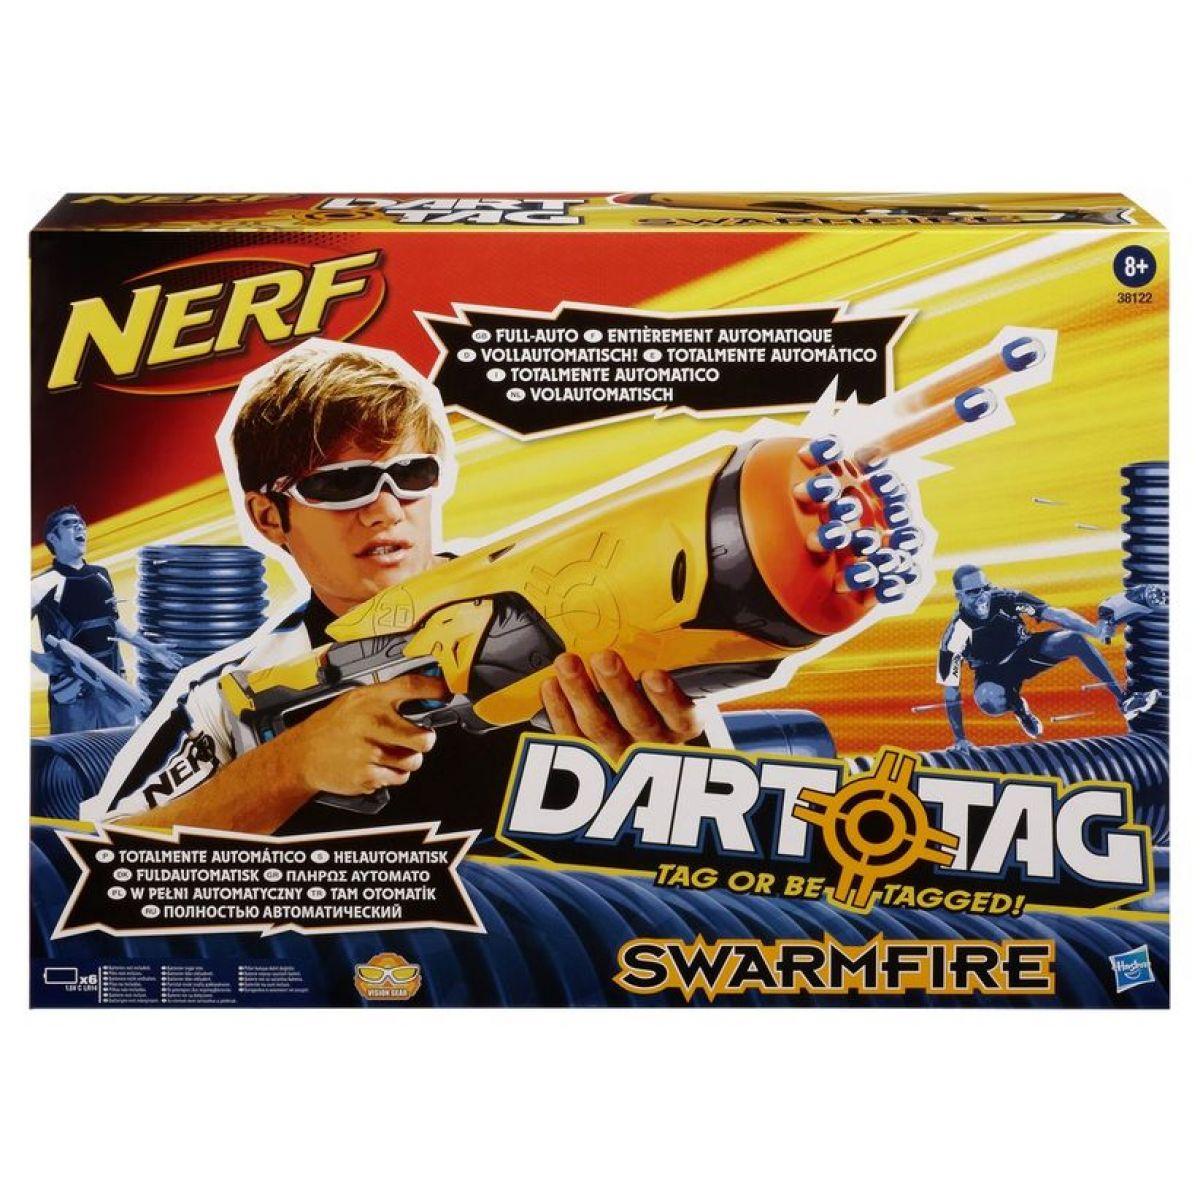 Nerf Nový Dart Tag Swarmfire samopal